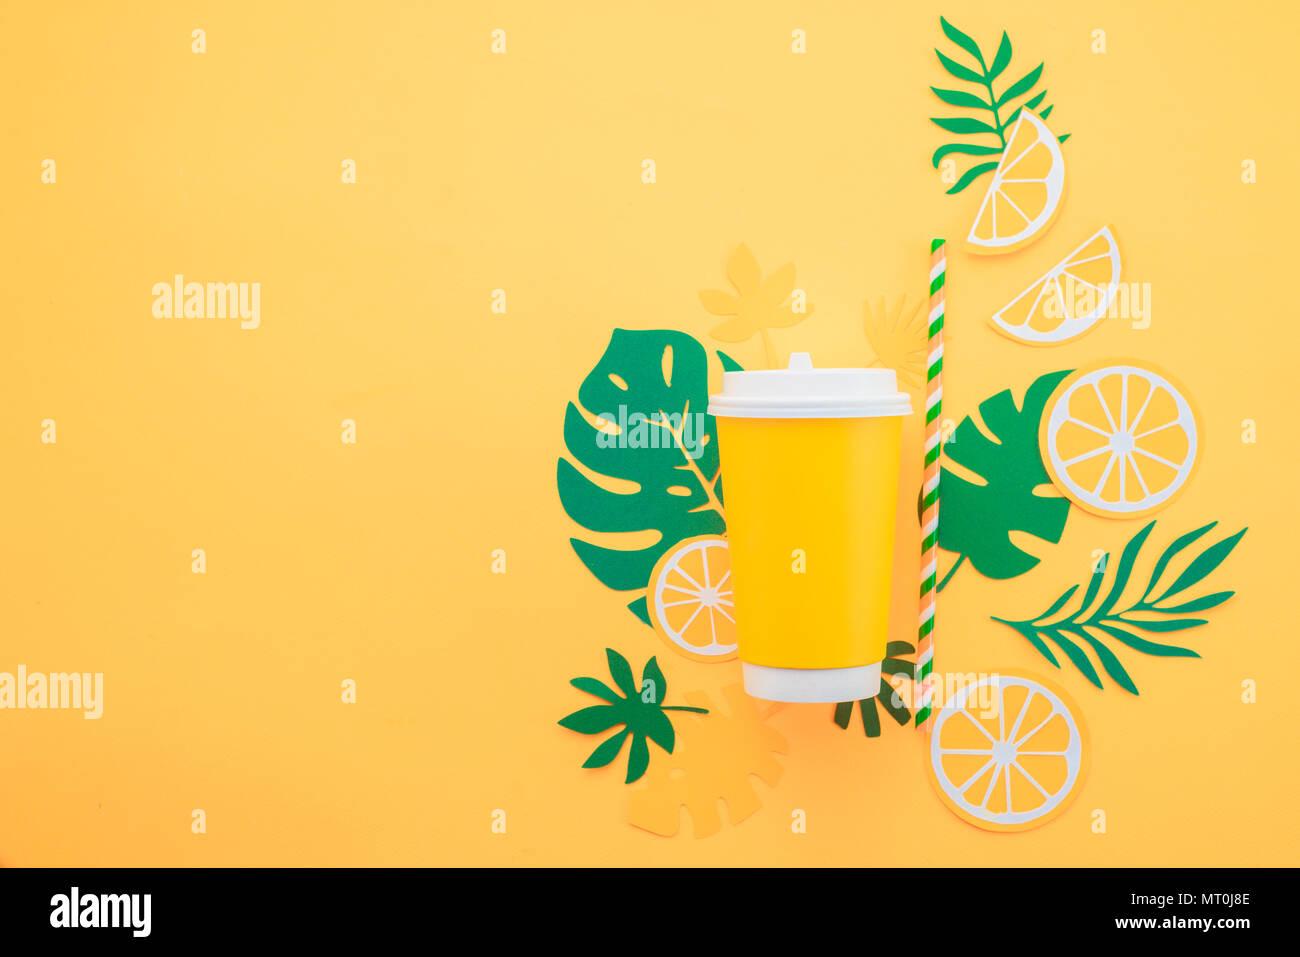 Vaso de papel desechable sobre un fondo amarillo con hojas tropicales y las rodajas de naranja sobre un fondo de color amarillo brillante. Copa de Verano colorido concepto con p Imagen De Stock